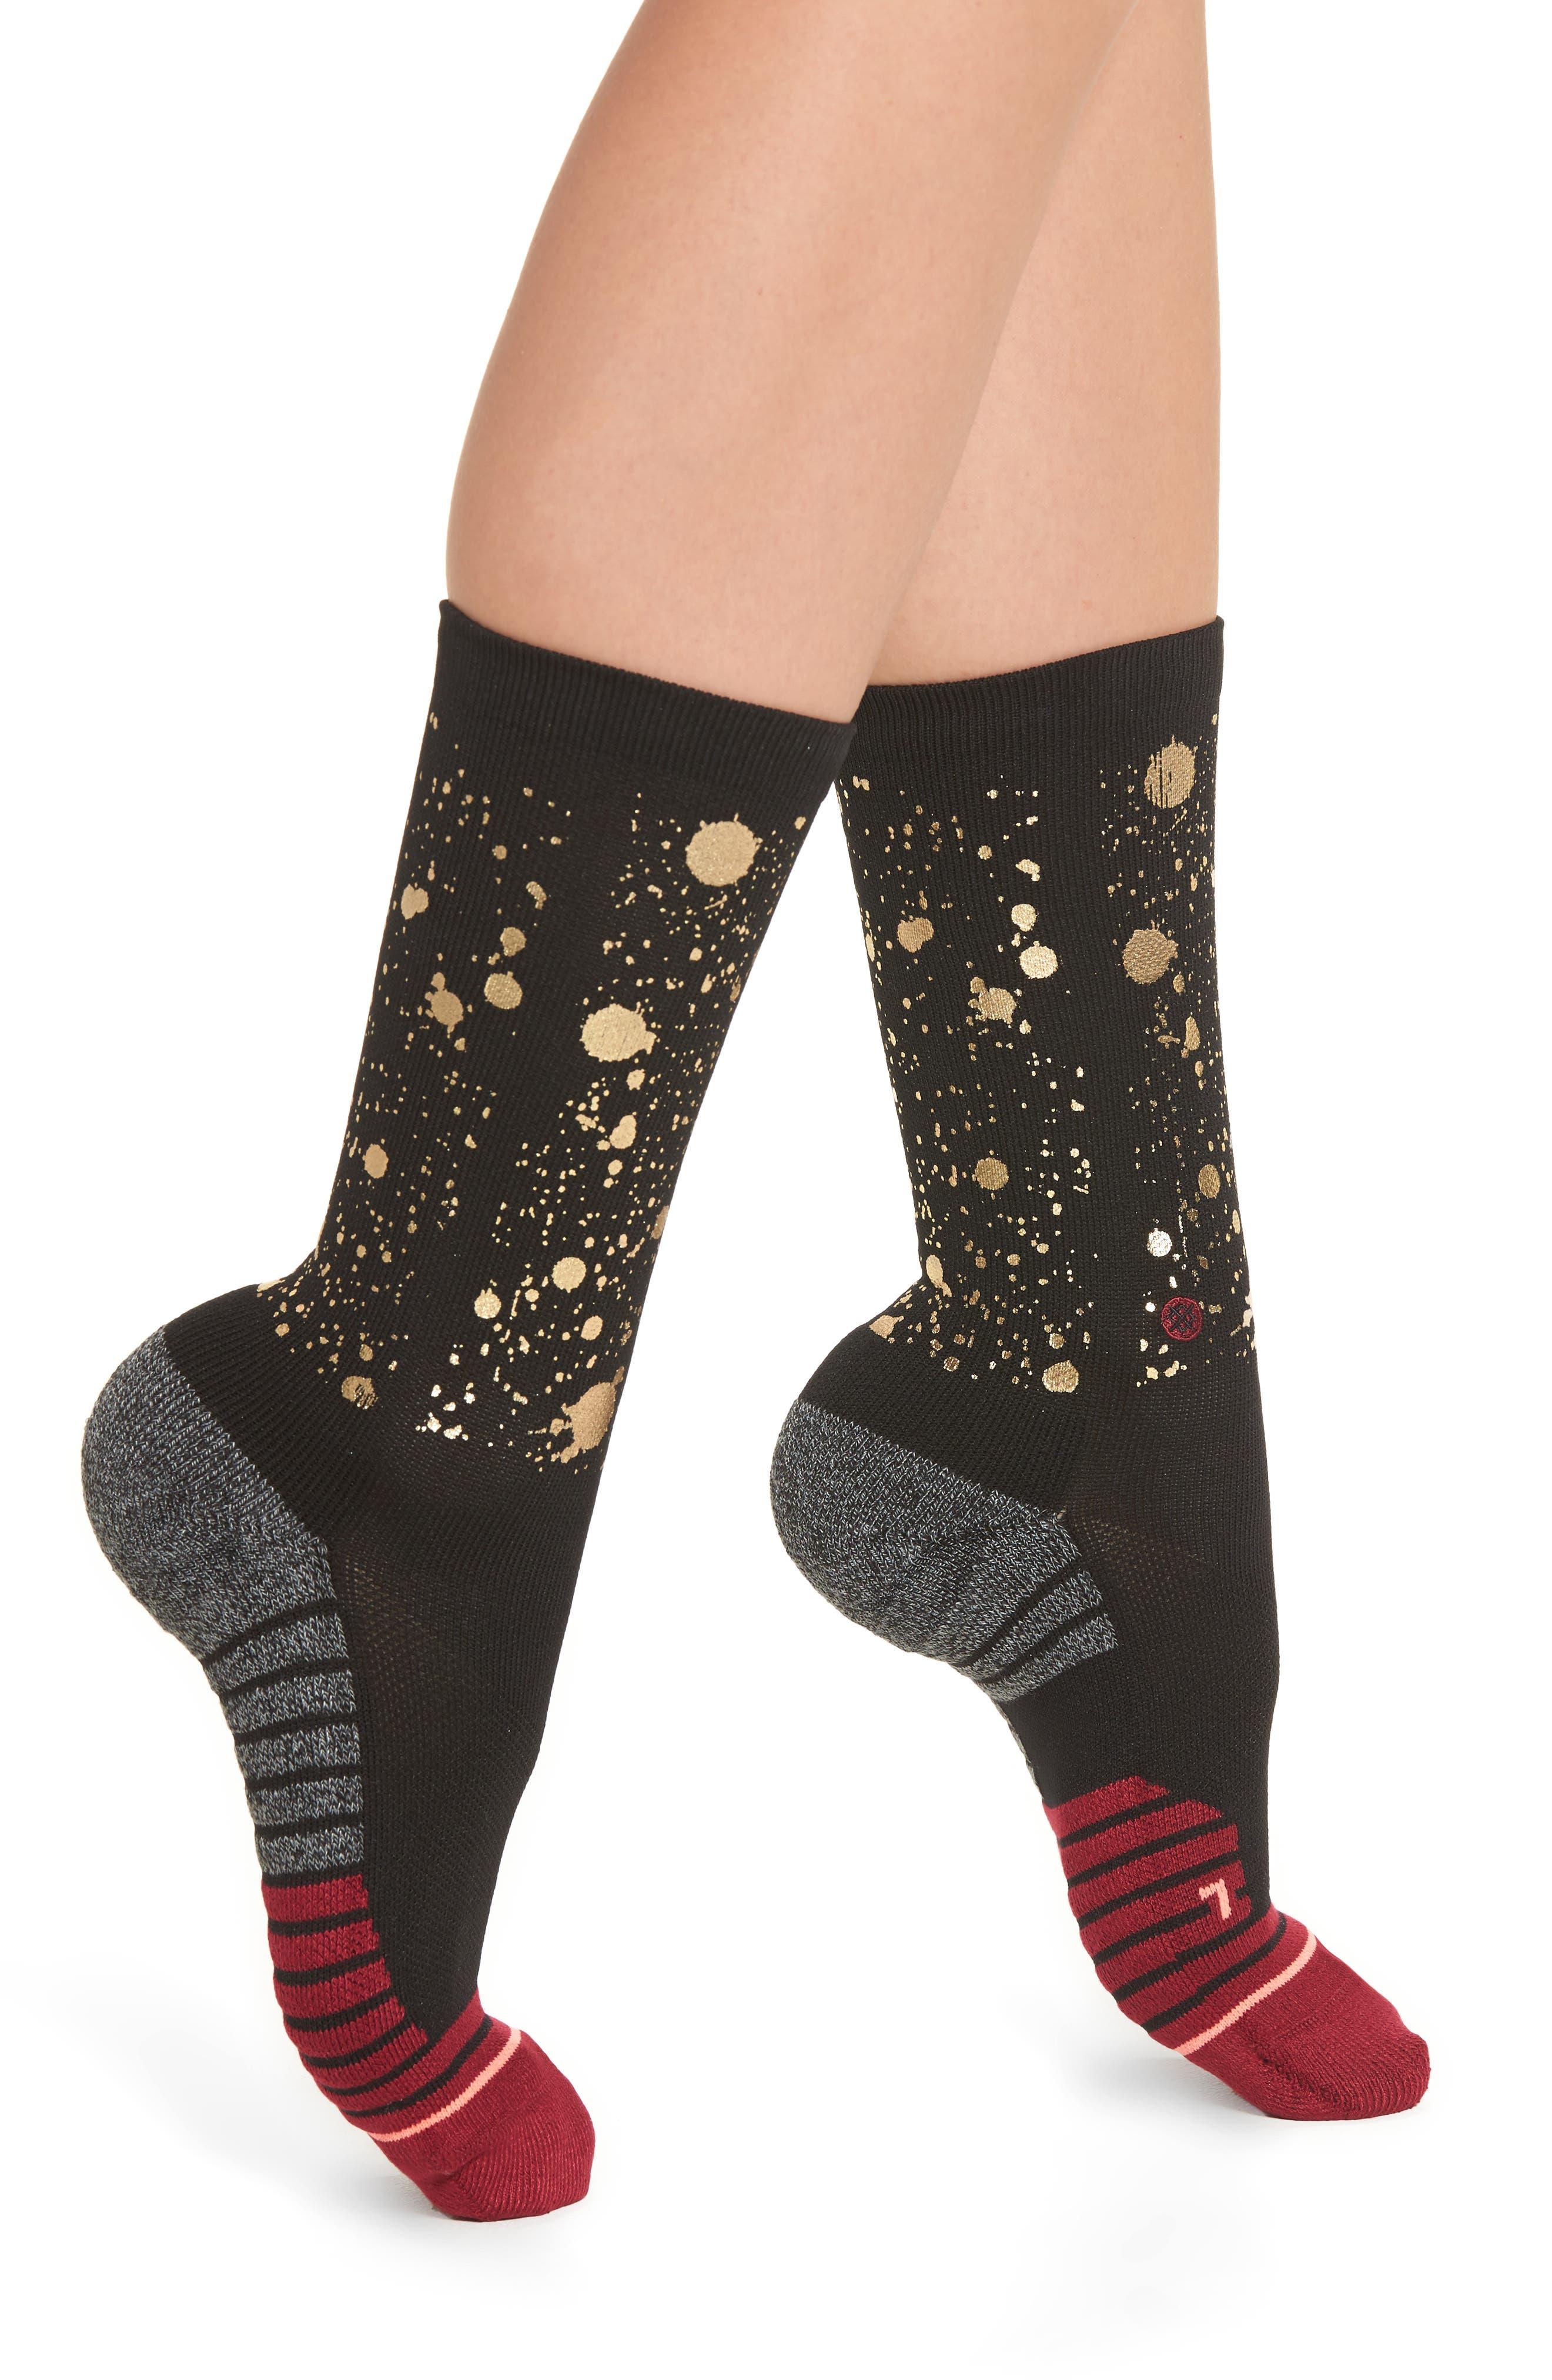 Alternate Image 1 Selected - Stance Endorphin Training Socks